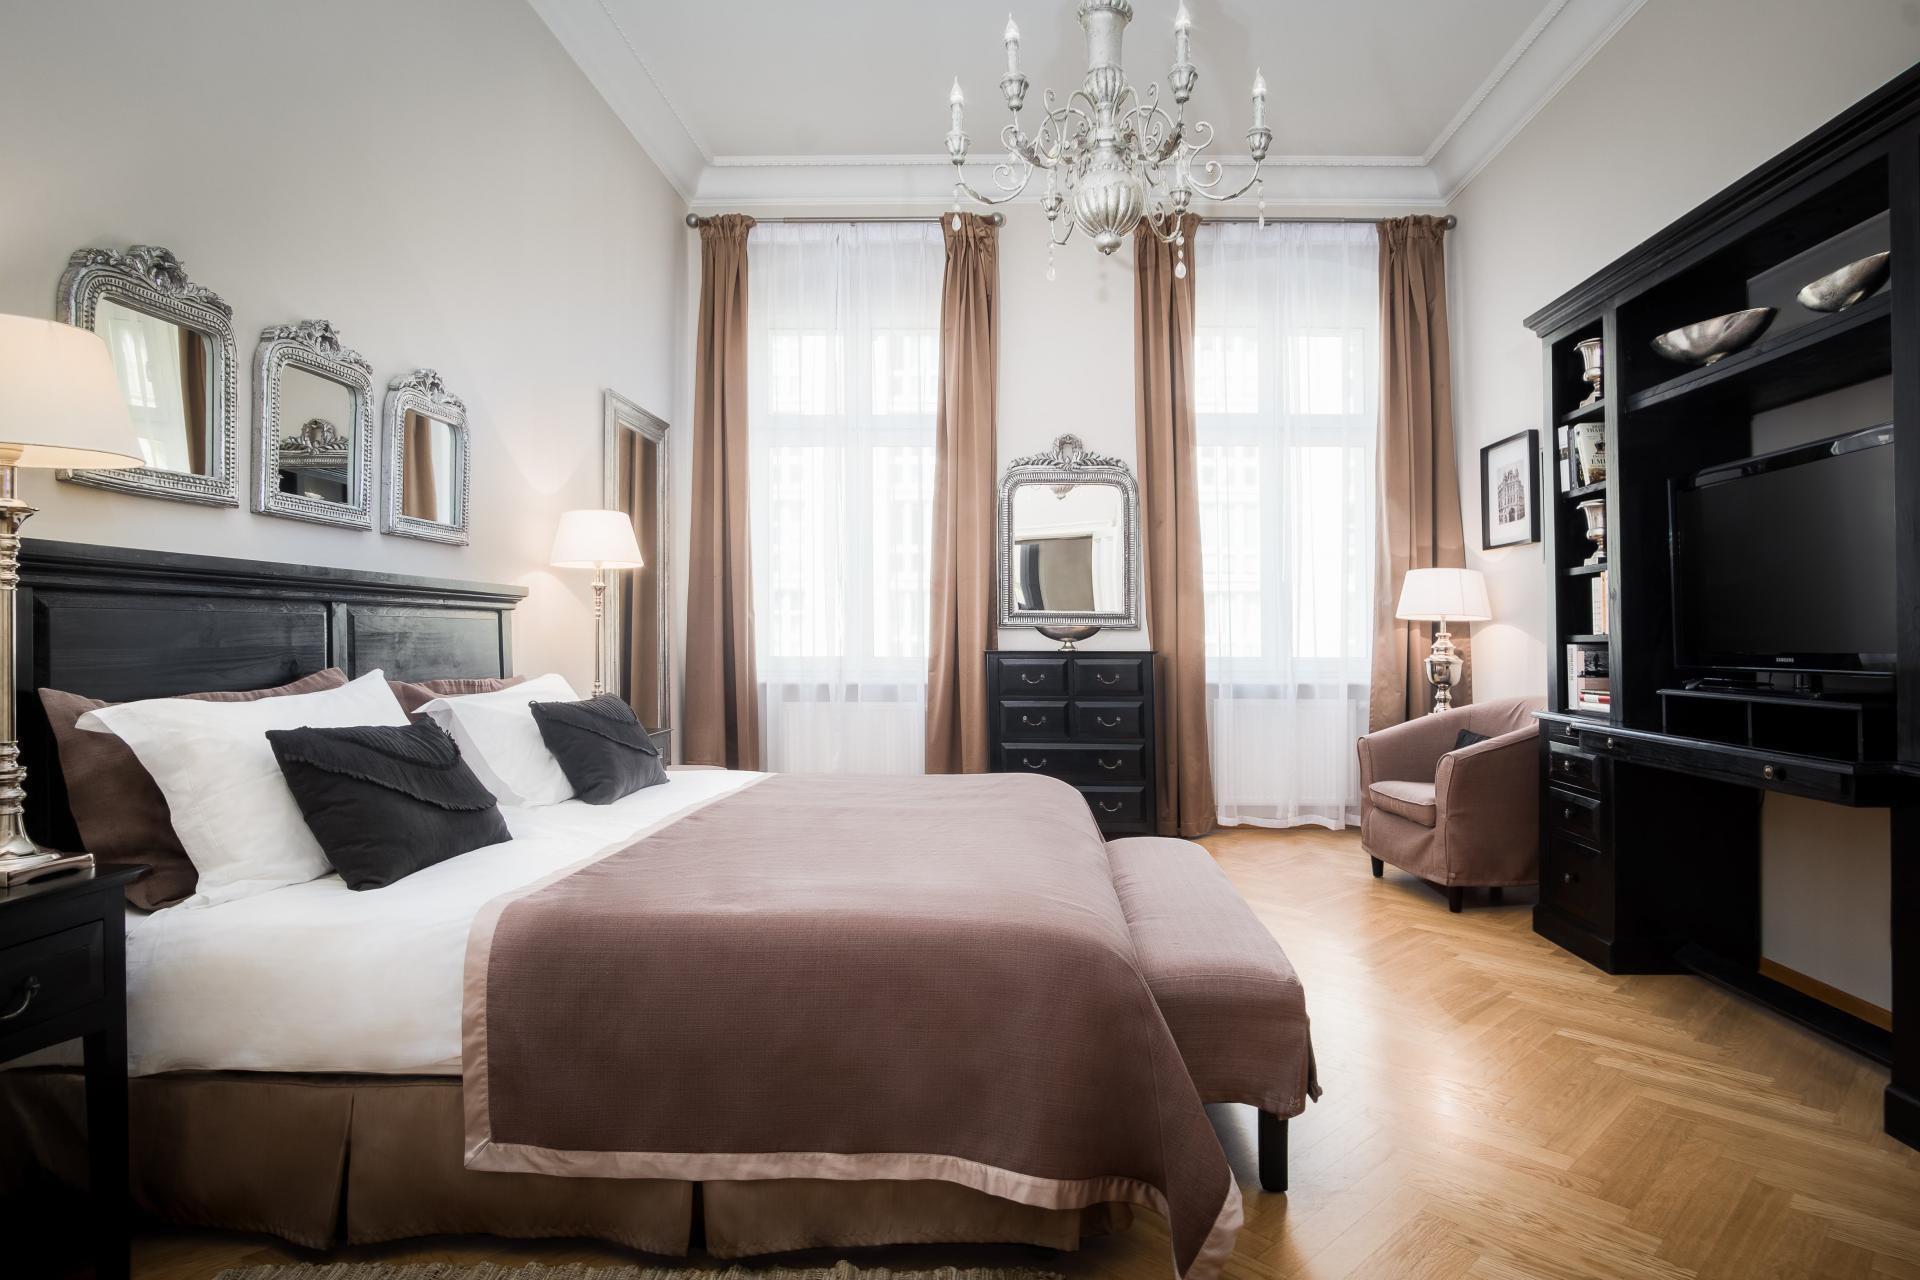 Spacious bedroom at  Palacina Berlin Apartments - Citybase Apartments